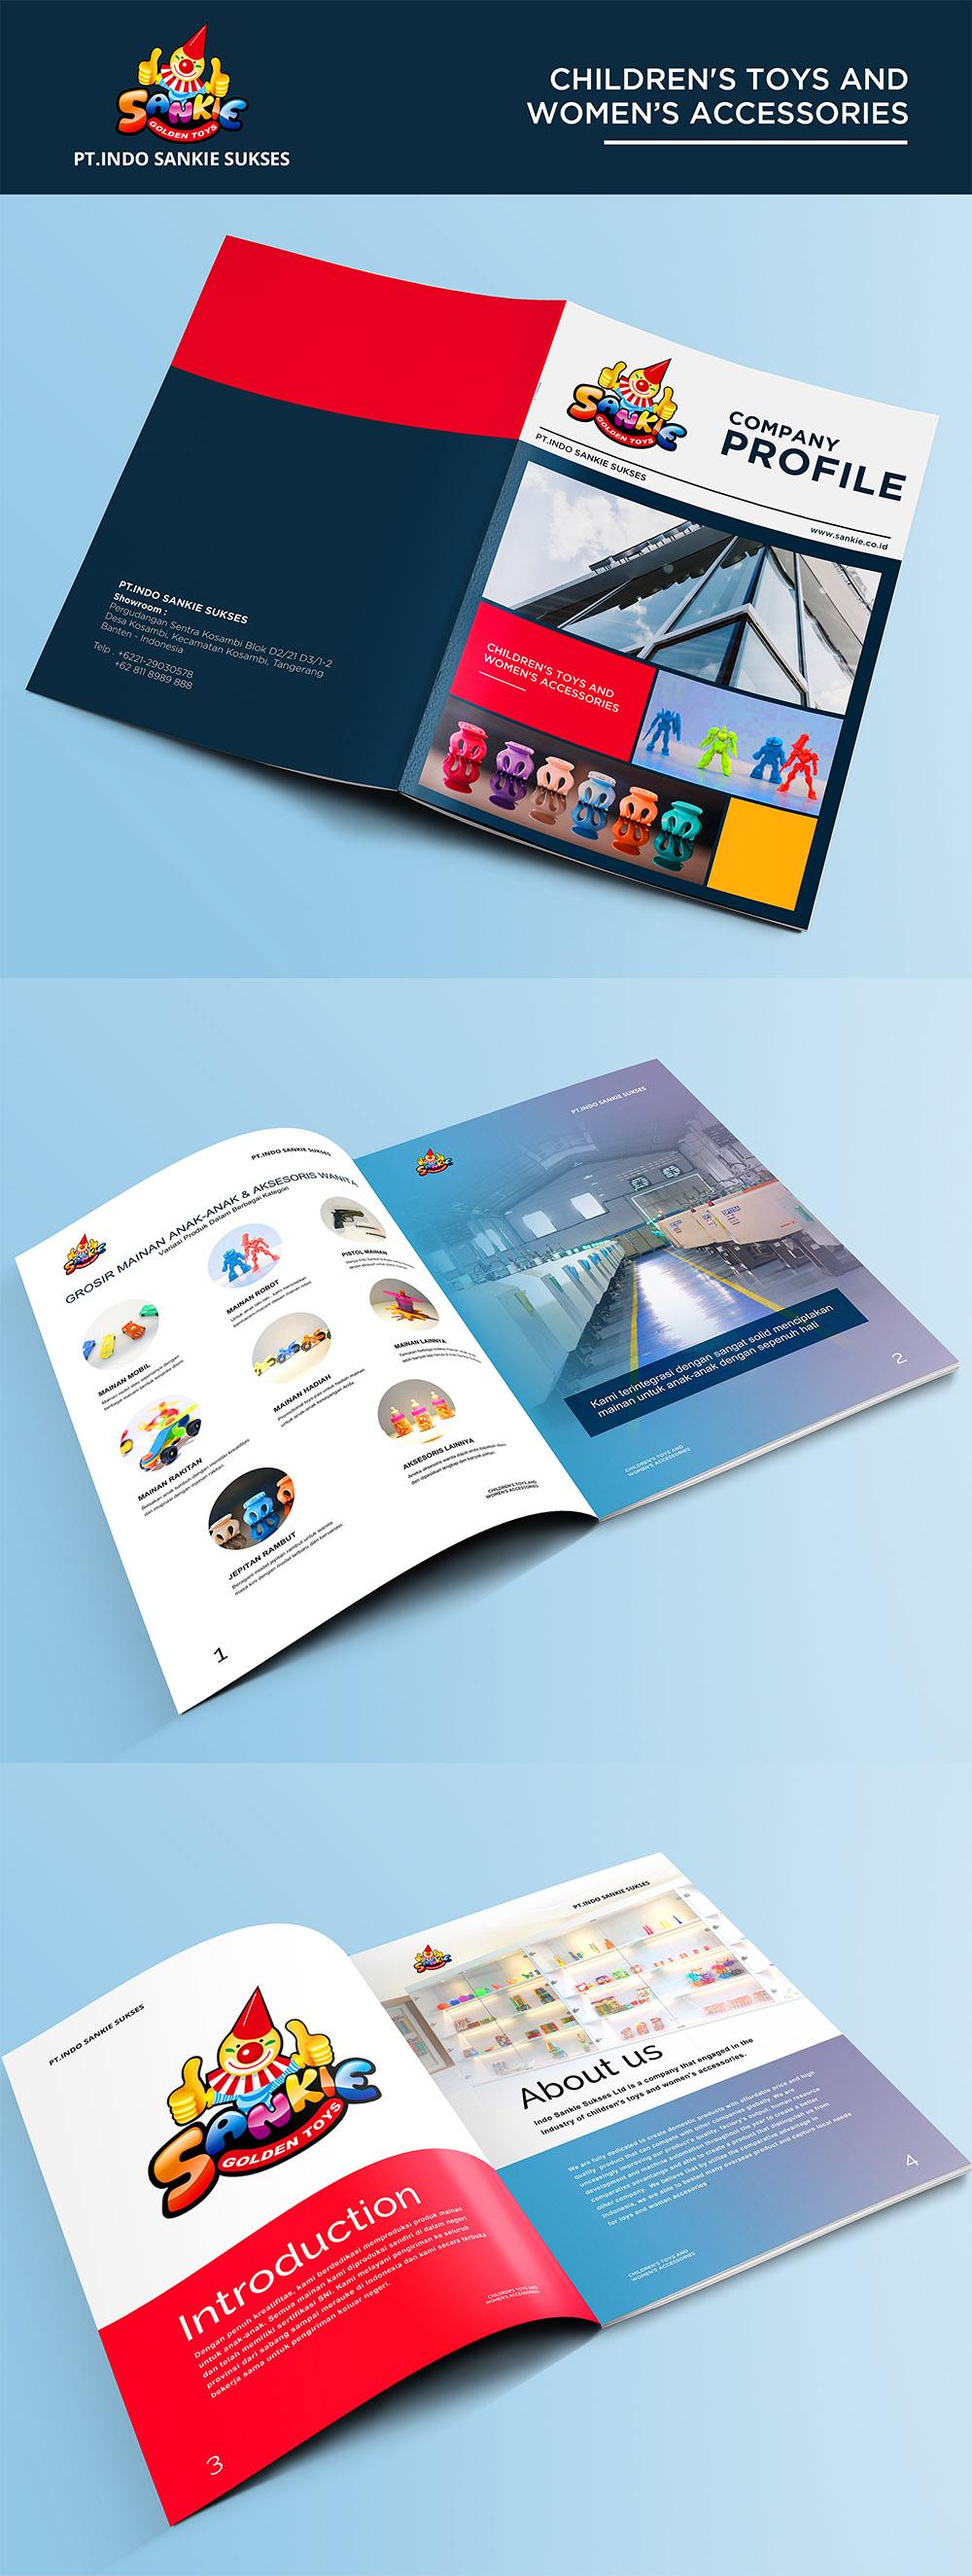 Desain Company Profile Untuk Pabrik Mainan